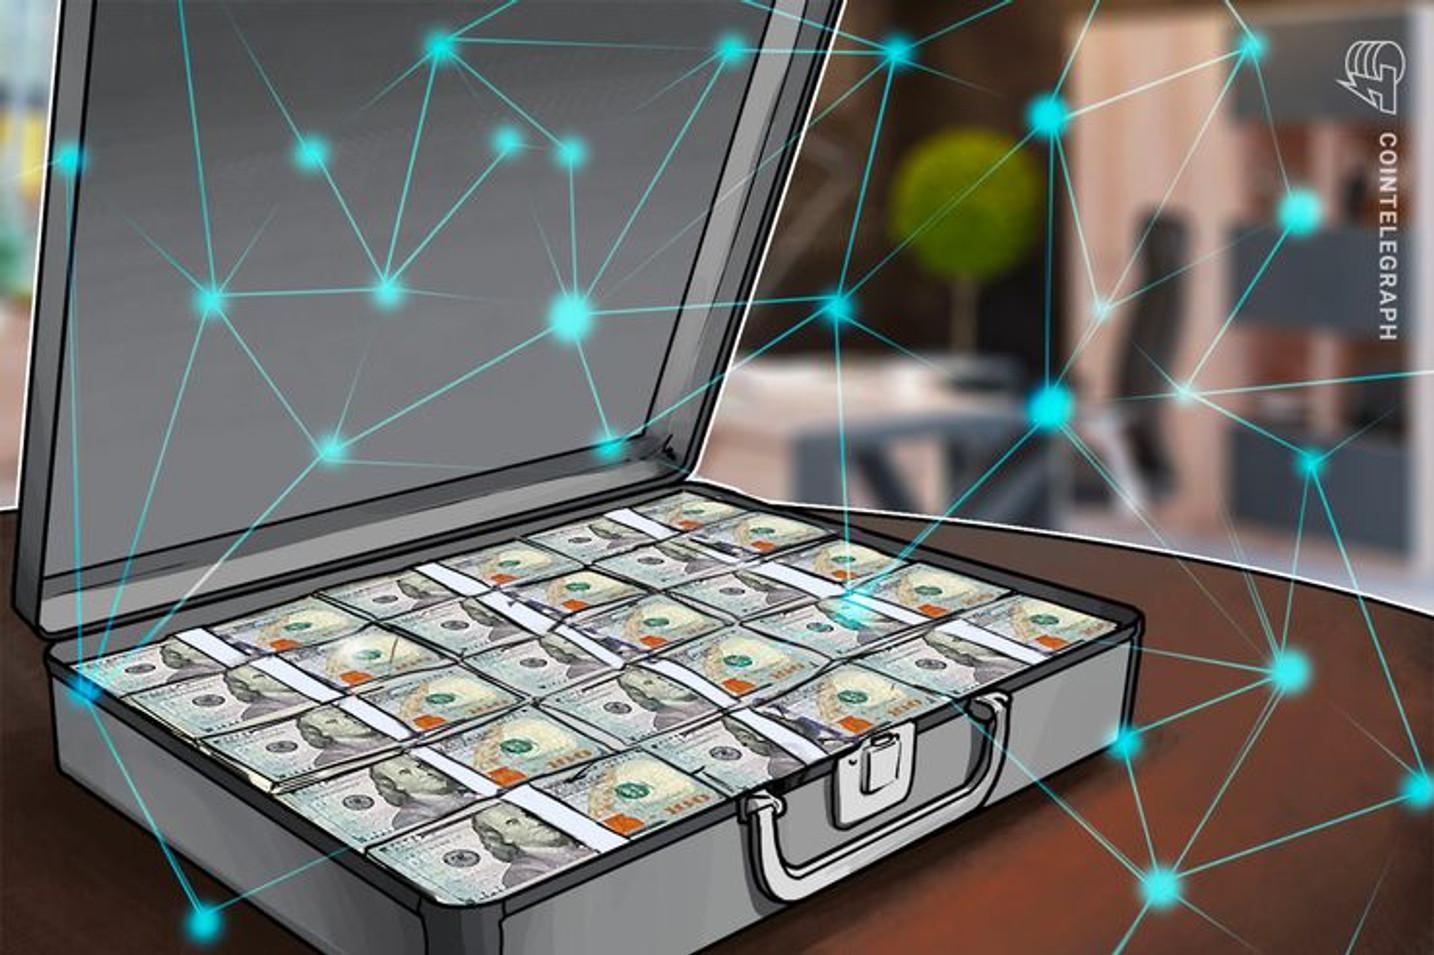 La inversión en blockchain en América Latina podría superar los 77 millones de dólares en 2020